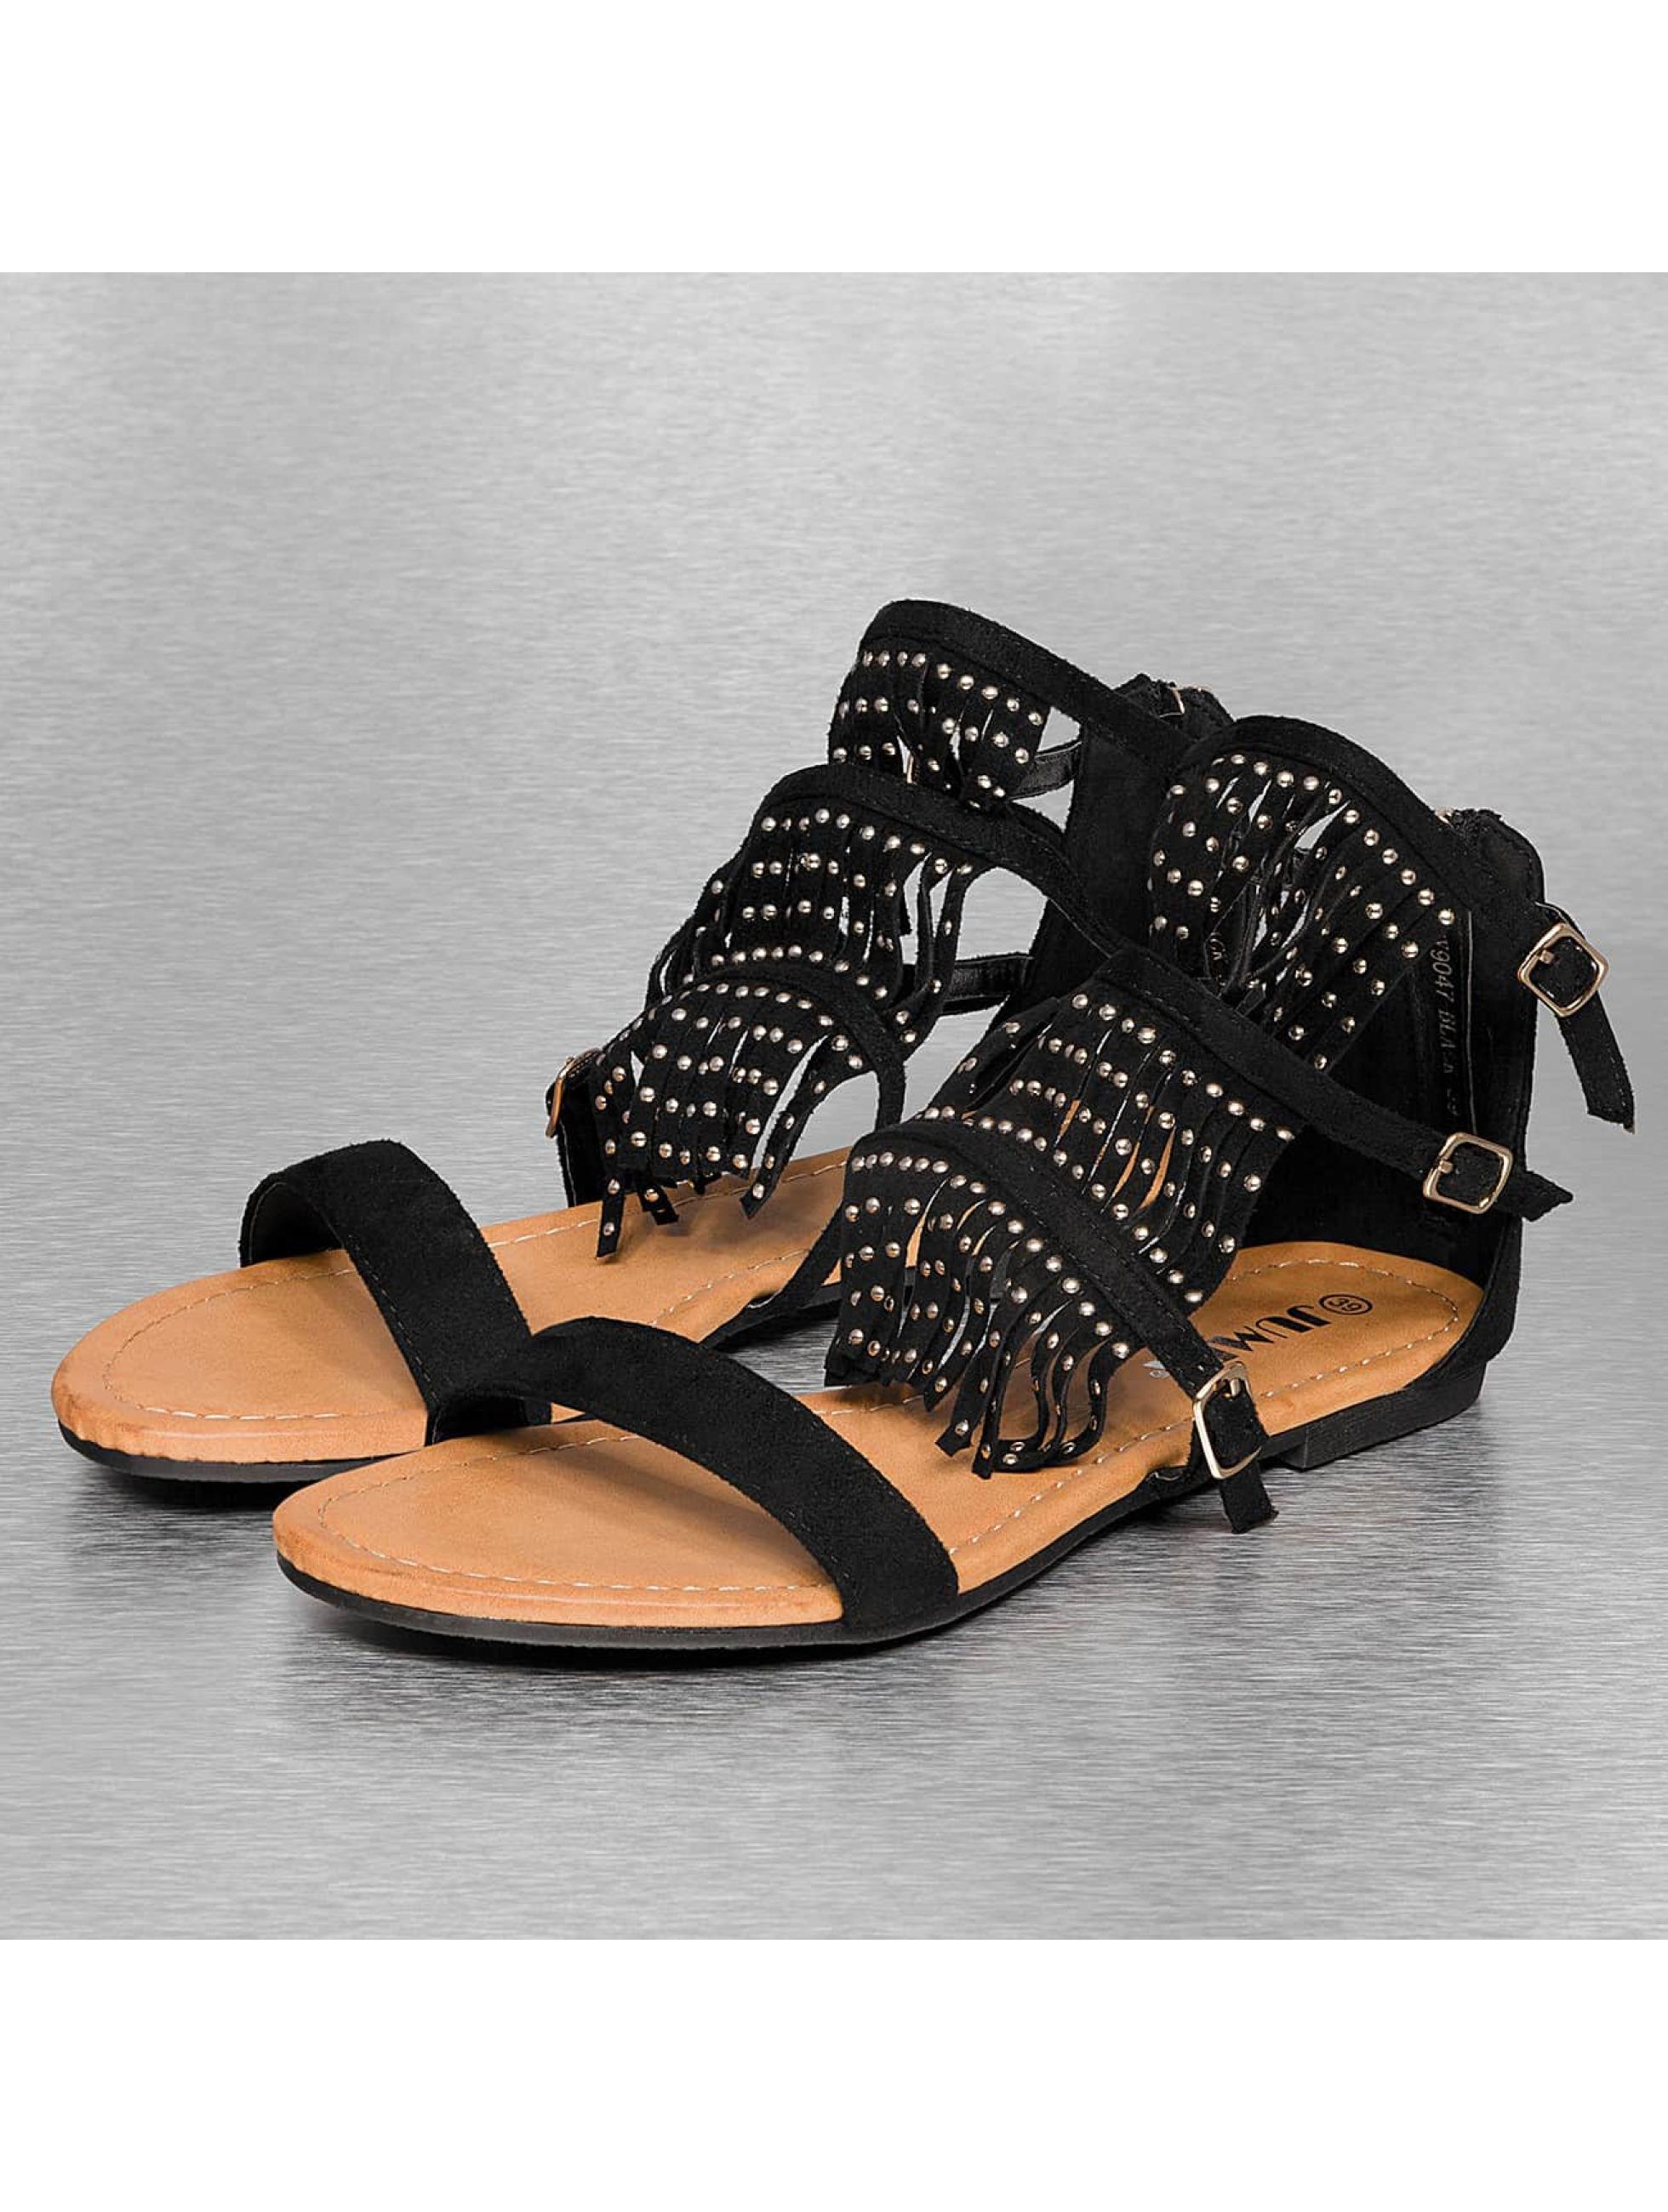 Jumex Frauen Sandalen Summer in schwarz